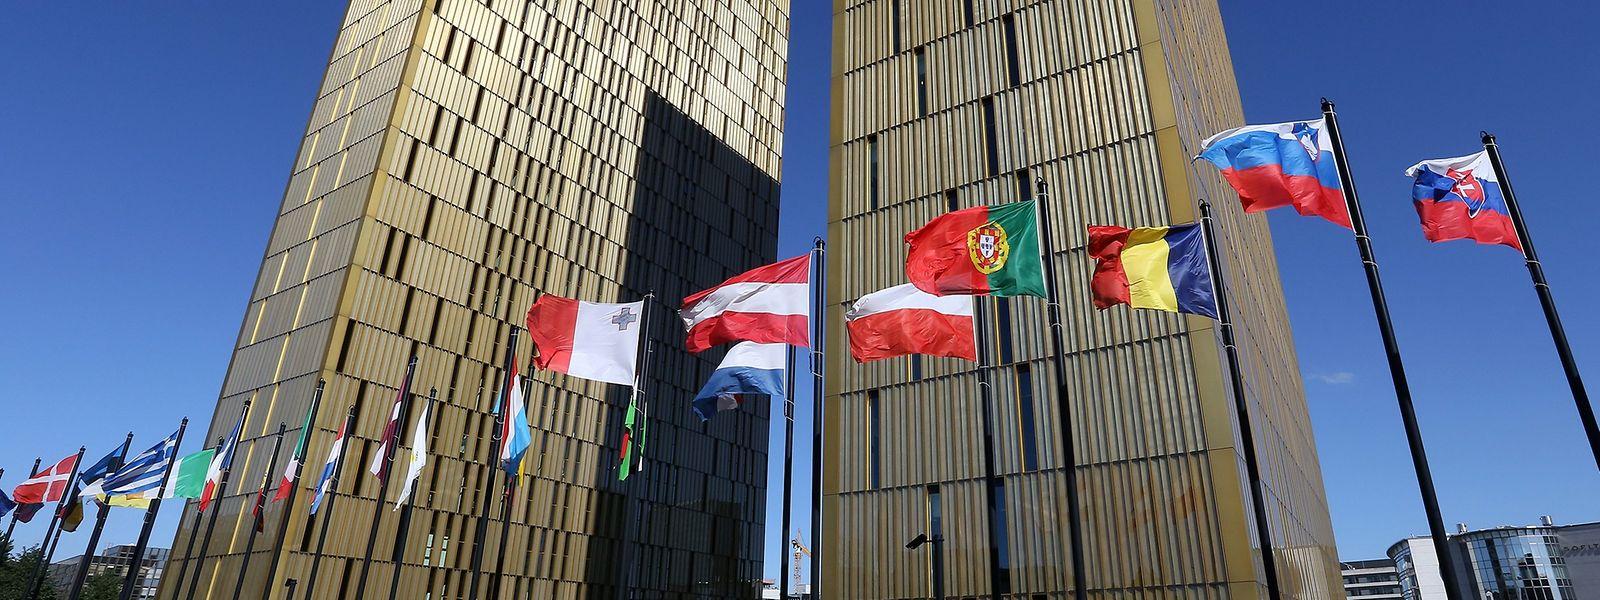 Si le tribunal donne raison à la Commission, le Luxembourg pourrait se voir condamné à une amende journalière.